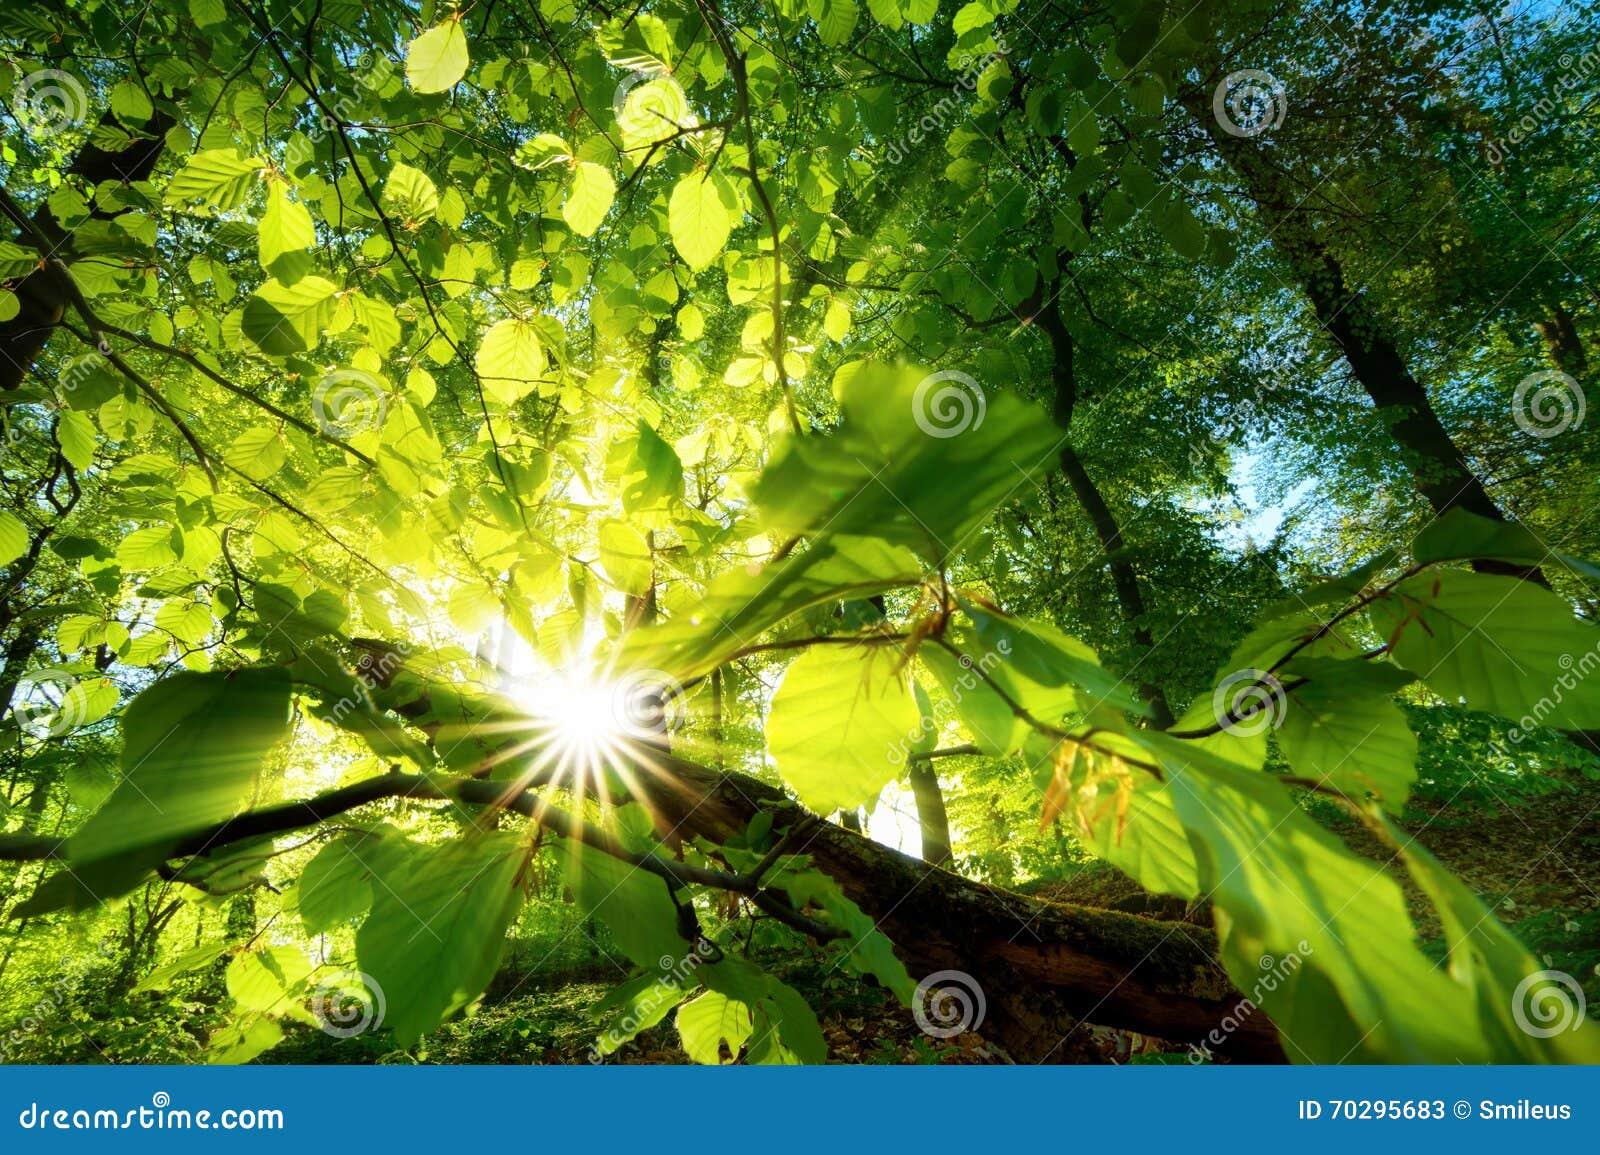 Rayons de lumière du soleil brillant admirablement par les feuilles vertes